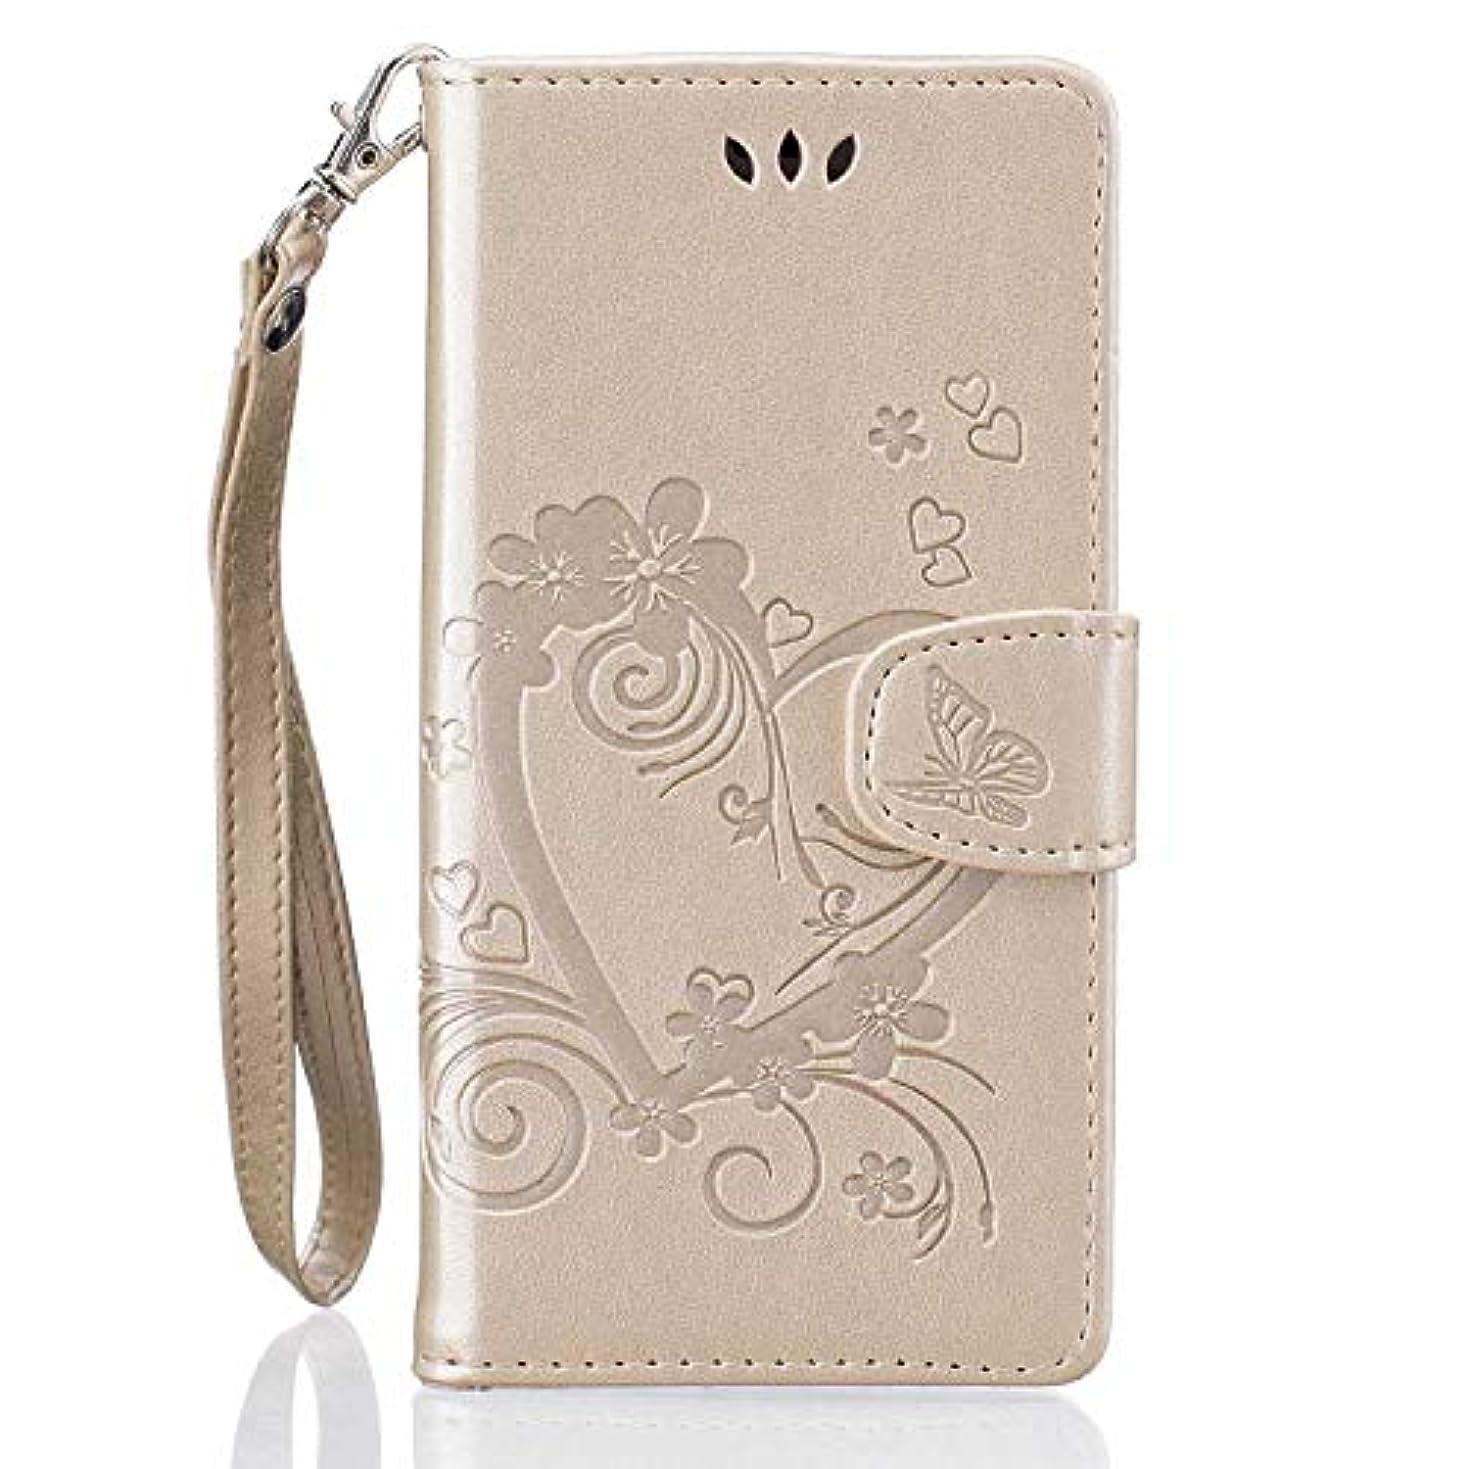 指吹雪適性Huawei P9 Lite手帳型ケース Zeebox® 軽量 PU レザー マグネット式 手帳型保護ケース, ハート型のエンボスパターン 可愛 女性向 スマートフォンケース, カード収納 スタンド 機能, Huawei P9 Lite対応, ゴールド